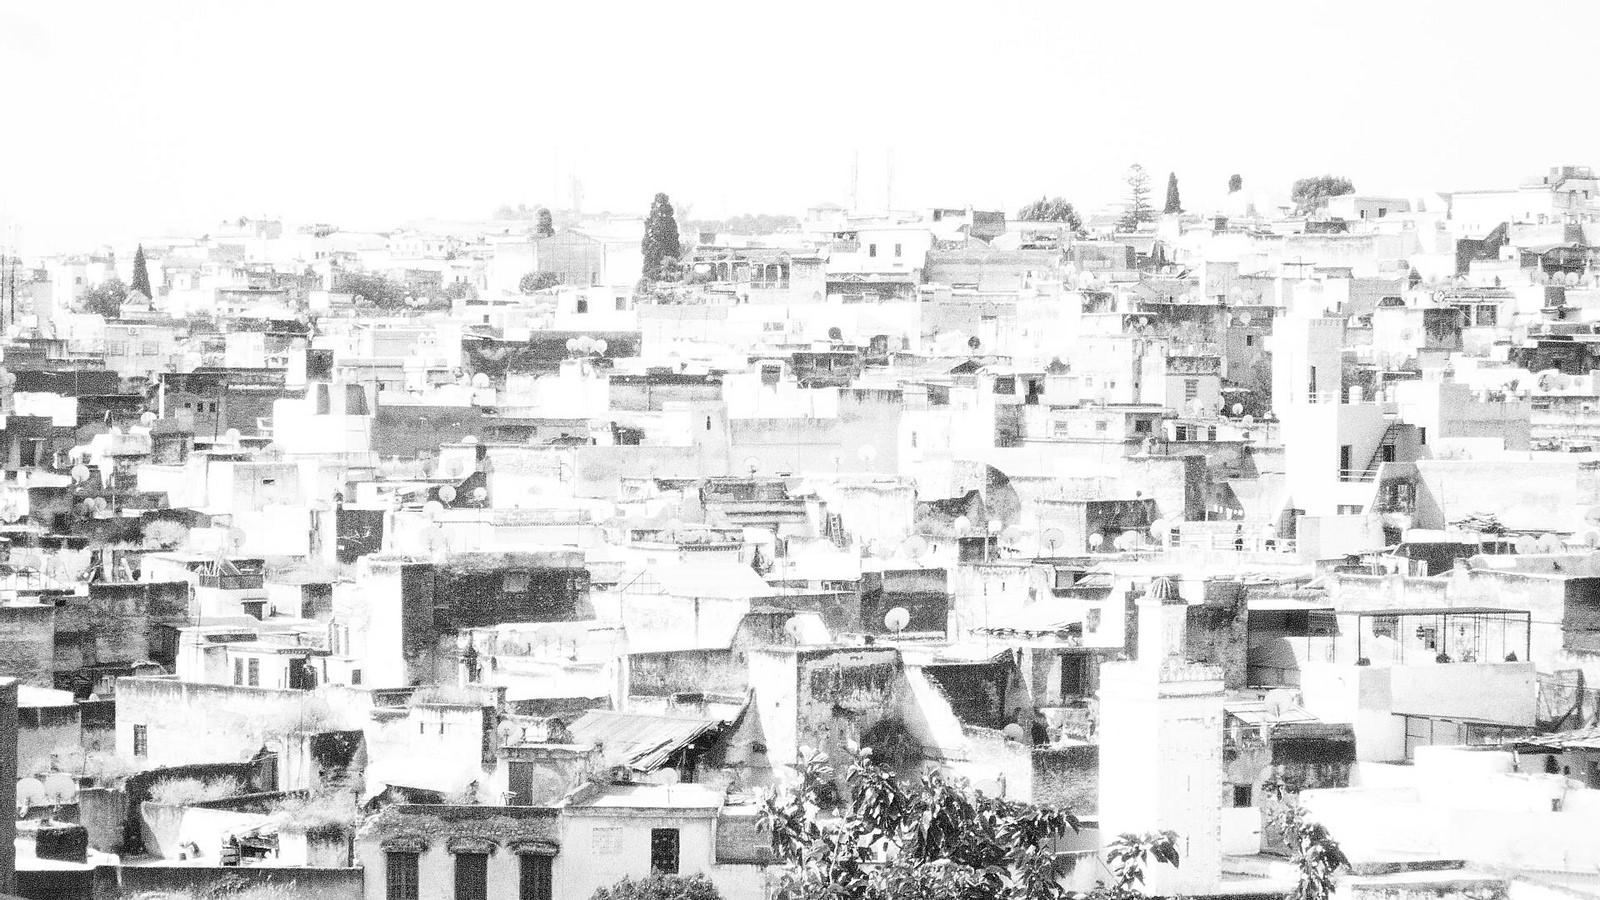 Tangiers, Origin of the Cirque